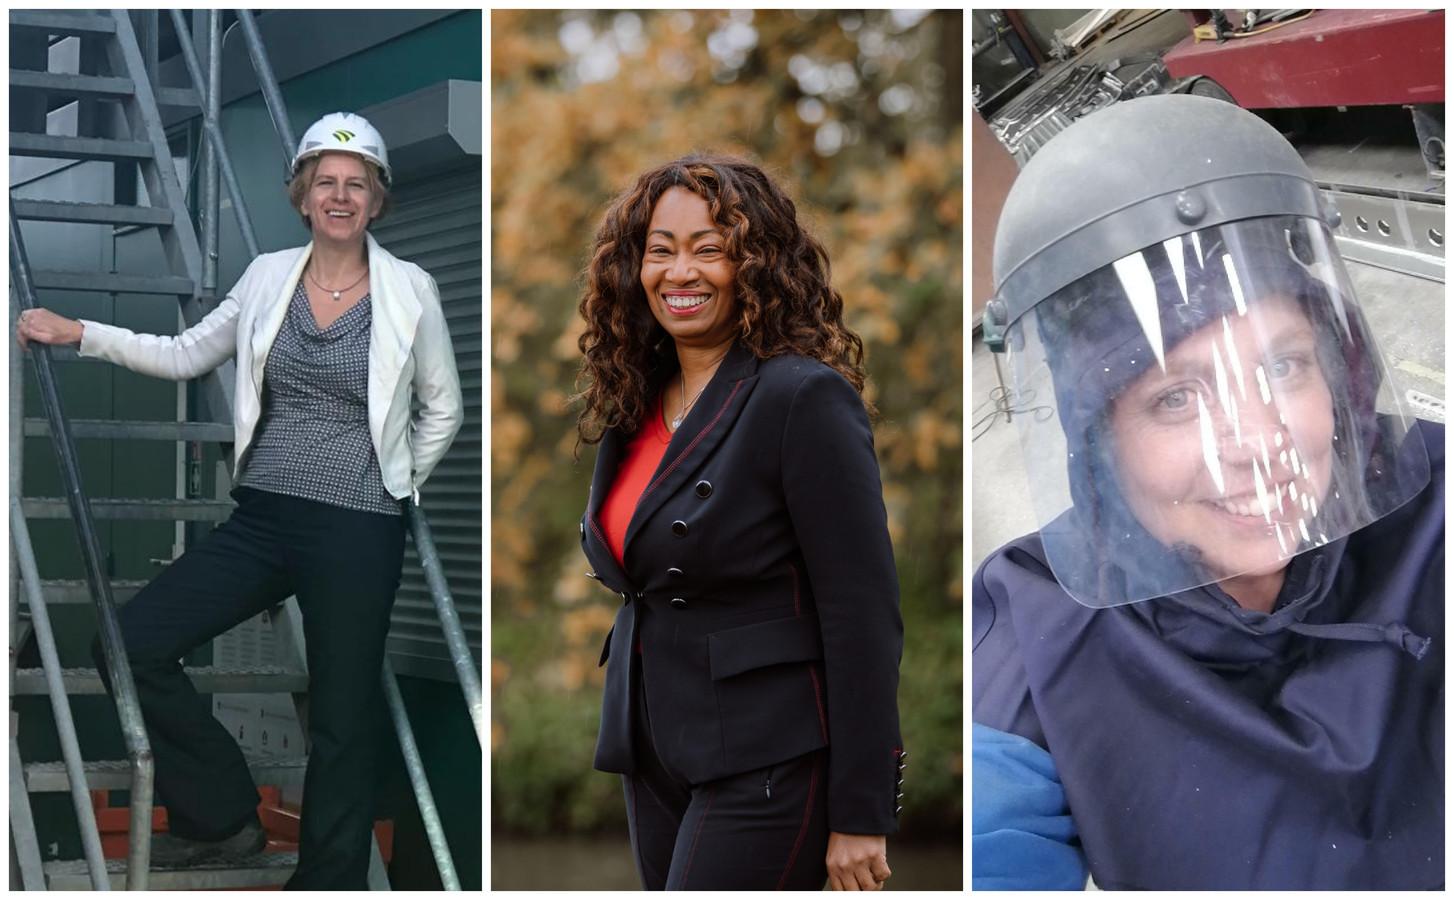 V.l.n.r. Yolanda van Rijswijk, Jacinta Hall en Willy Hofstra. In de bouw, techniek en IT zijn vrouwelijke werknemers nog flink in de minderheid.